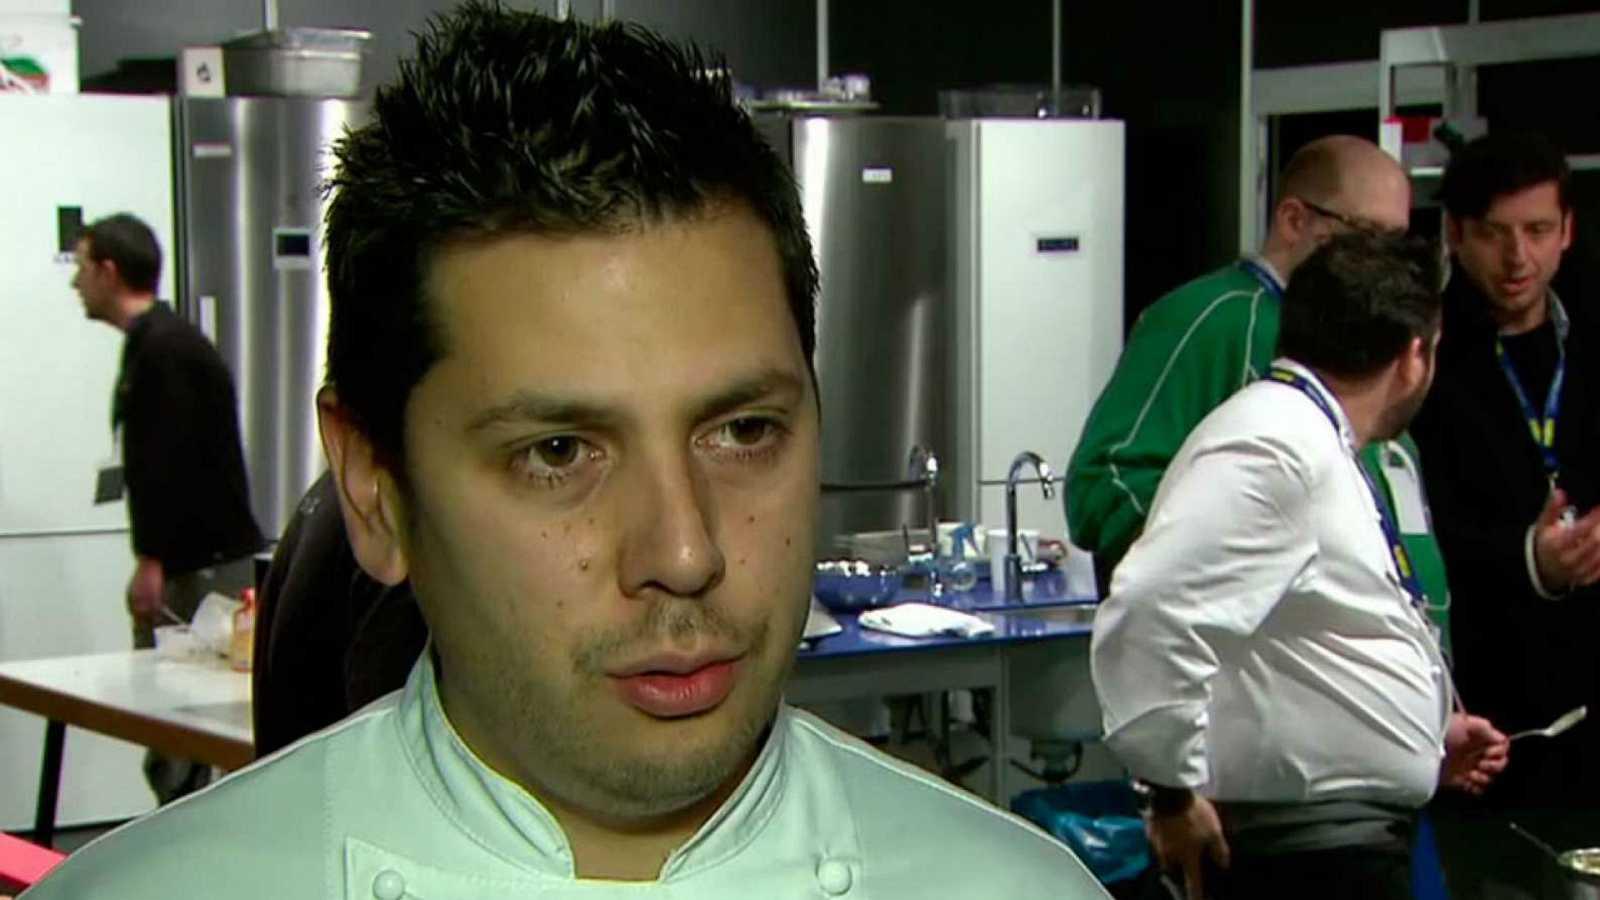 Un laboratorio en mi cocina -  La cocina de Diego Gallegos - 15/09/20 - Escuchar ahora